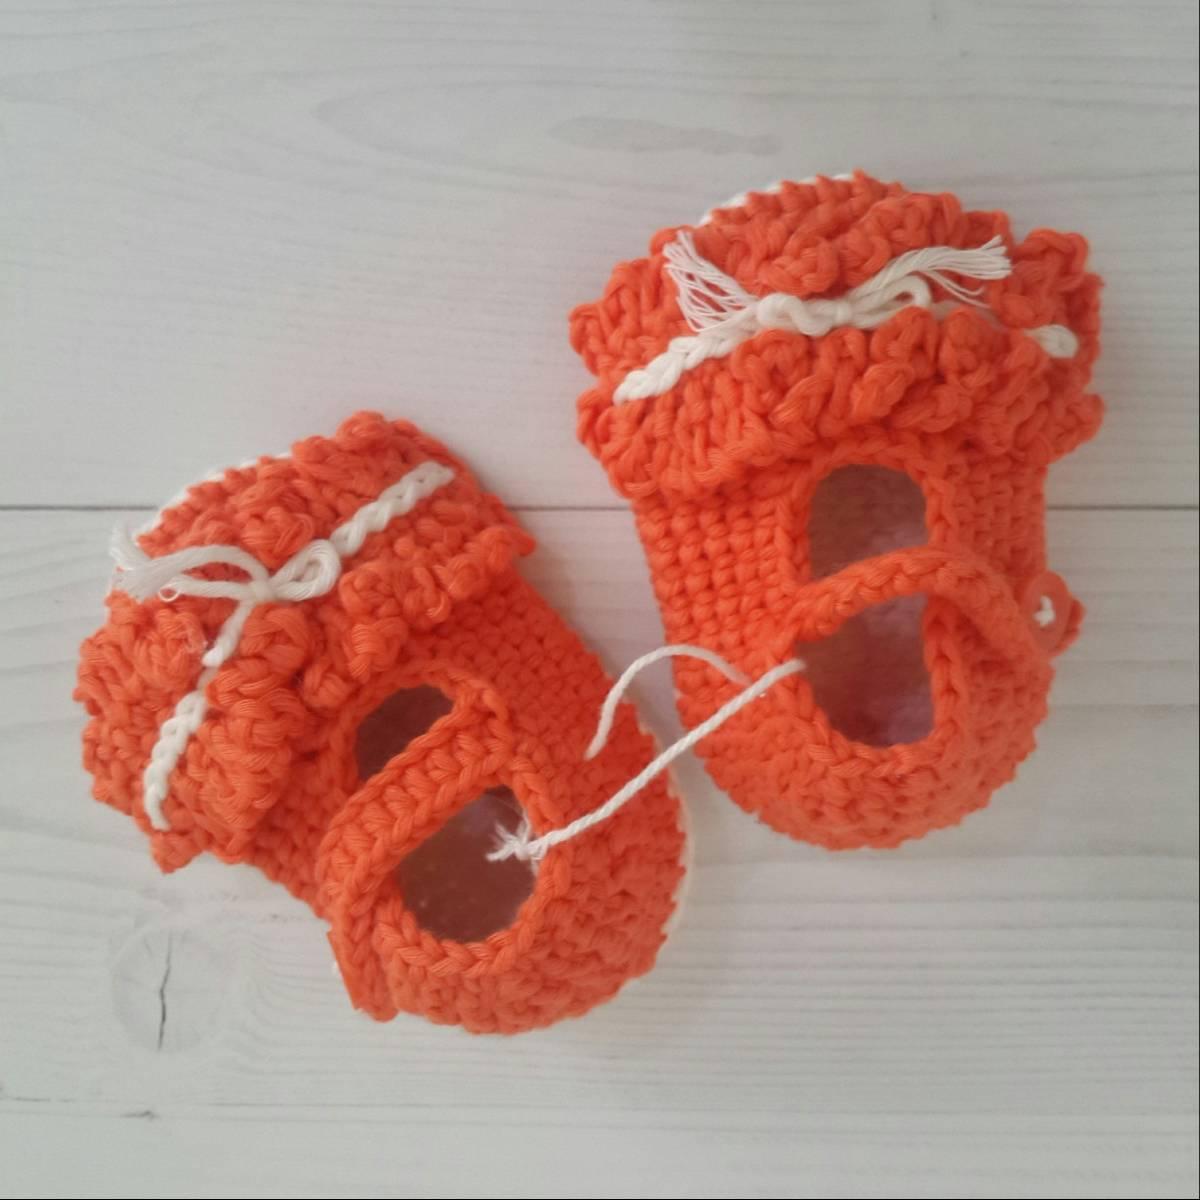 Sepatu Rajut Orange0